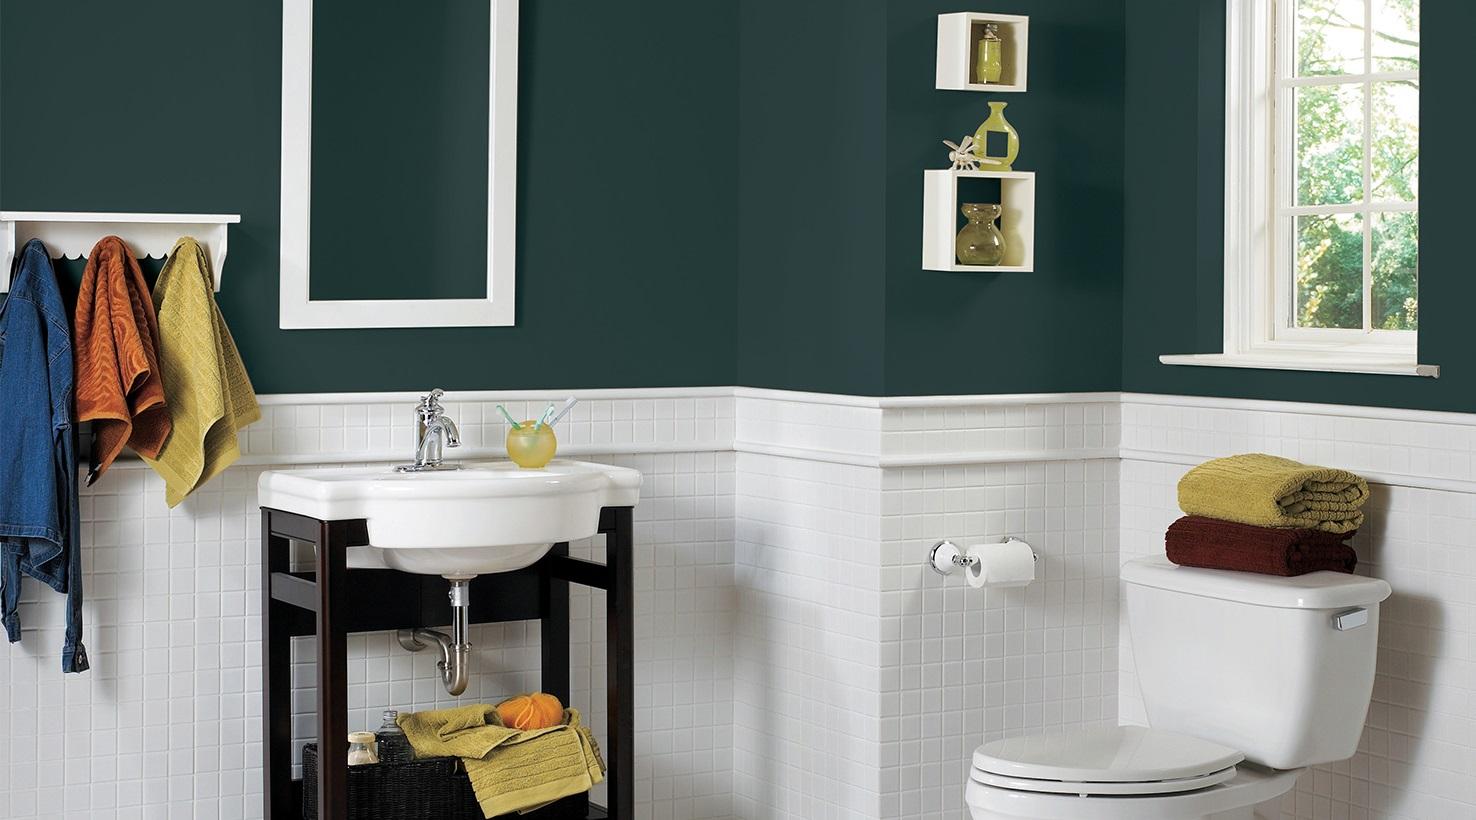 Un Vert Fonce Dans La Salle De Bain